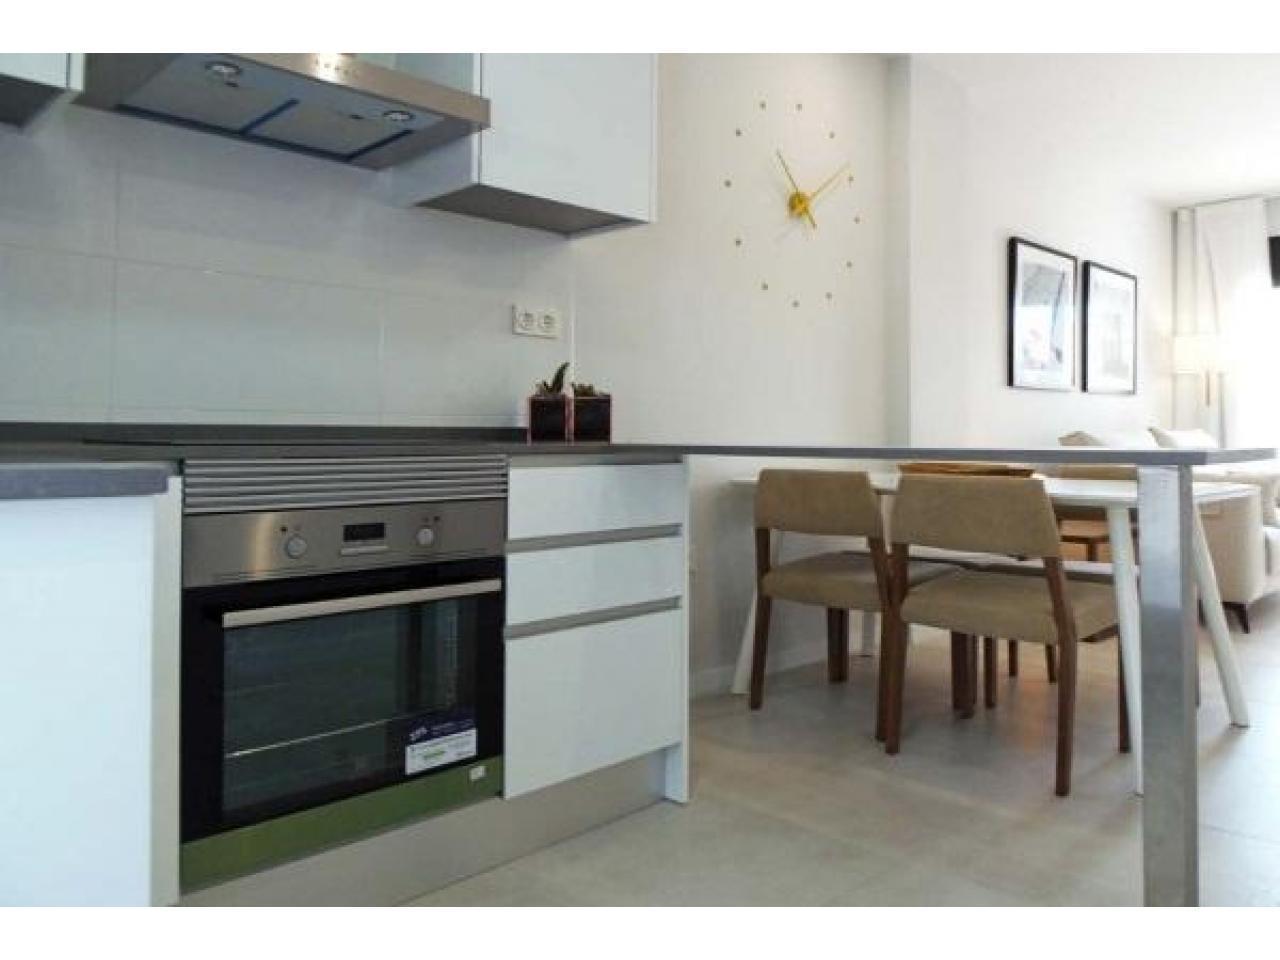 Недвижимость в Испании, Новые бунгало рядом с пляжем от застройщика в Миль Пальмерас - 9